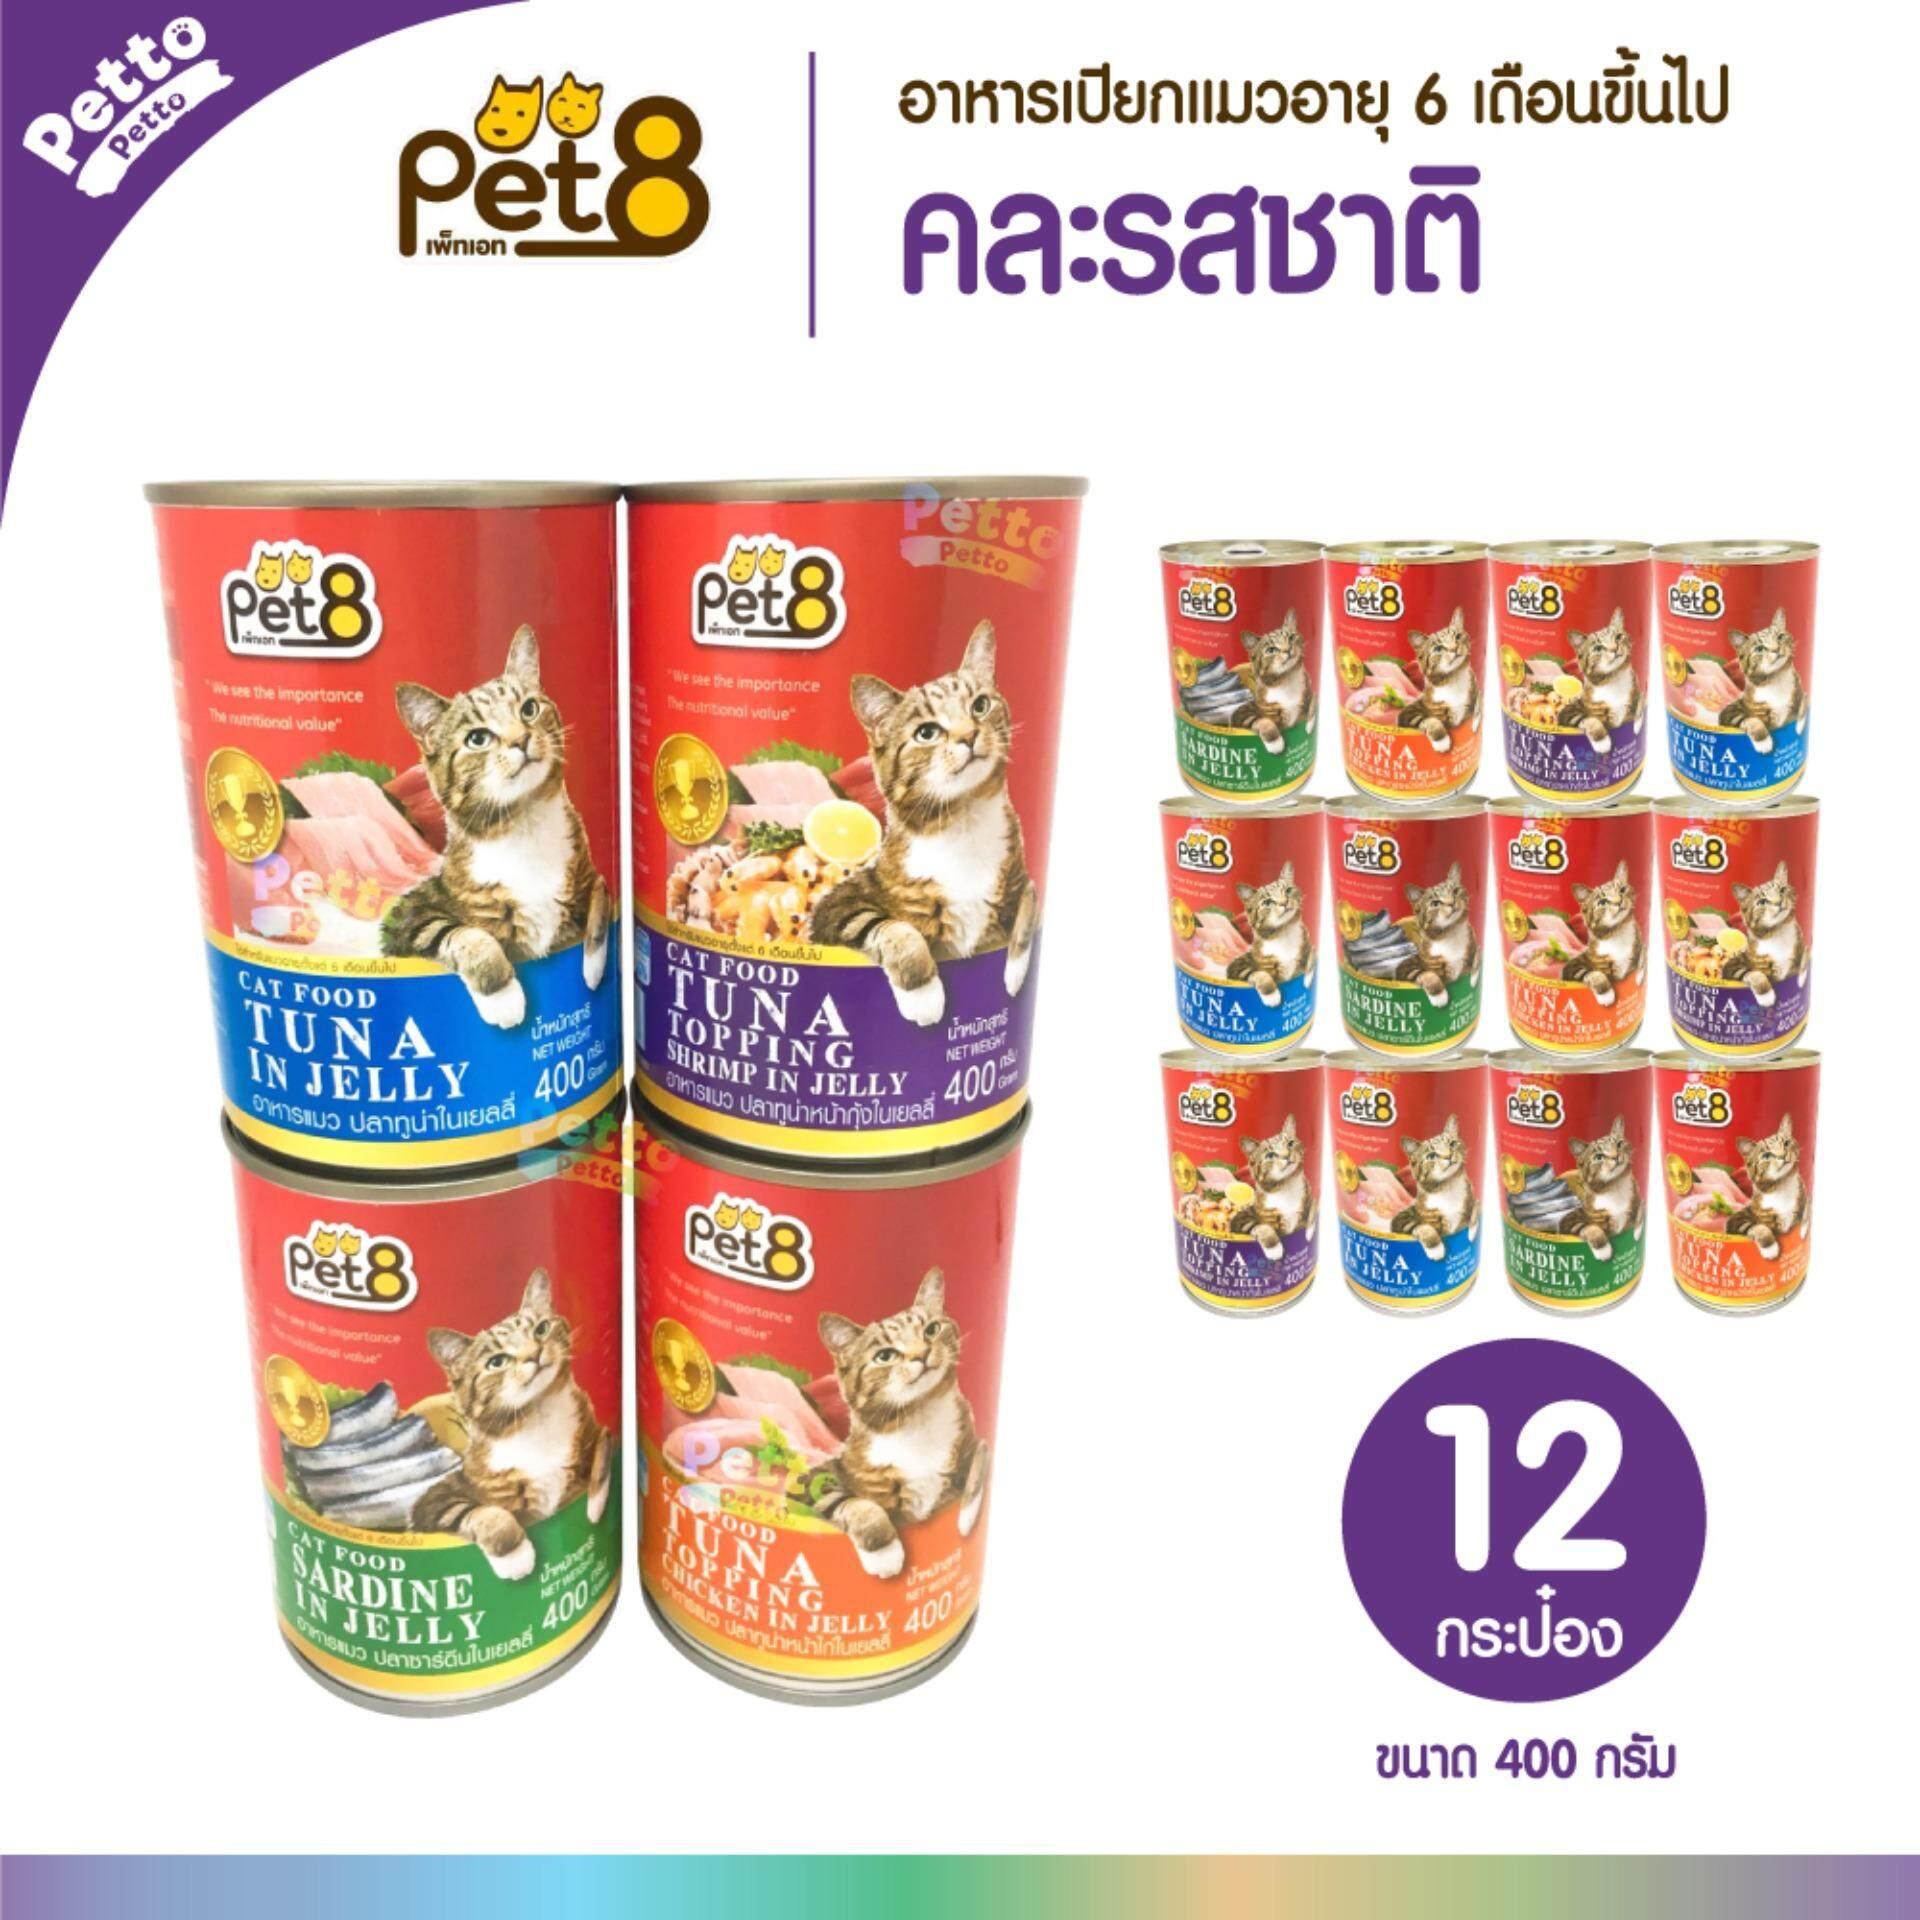 Pet8 อาหารแมว คละรสชาติ ในเยลลี่ 400 กรัม - 12 ชิ้น By Petto Petto.